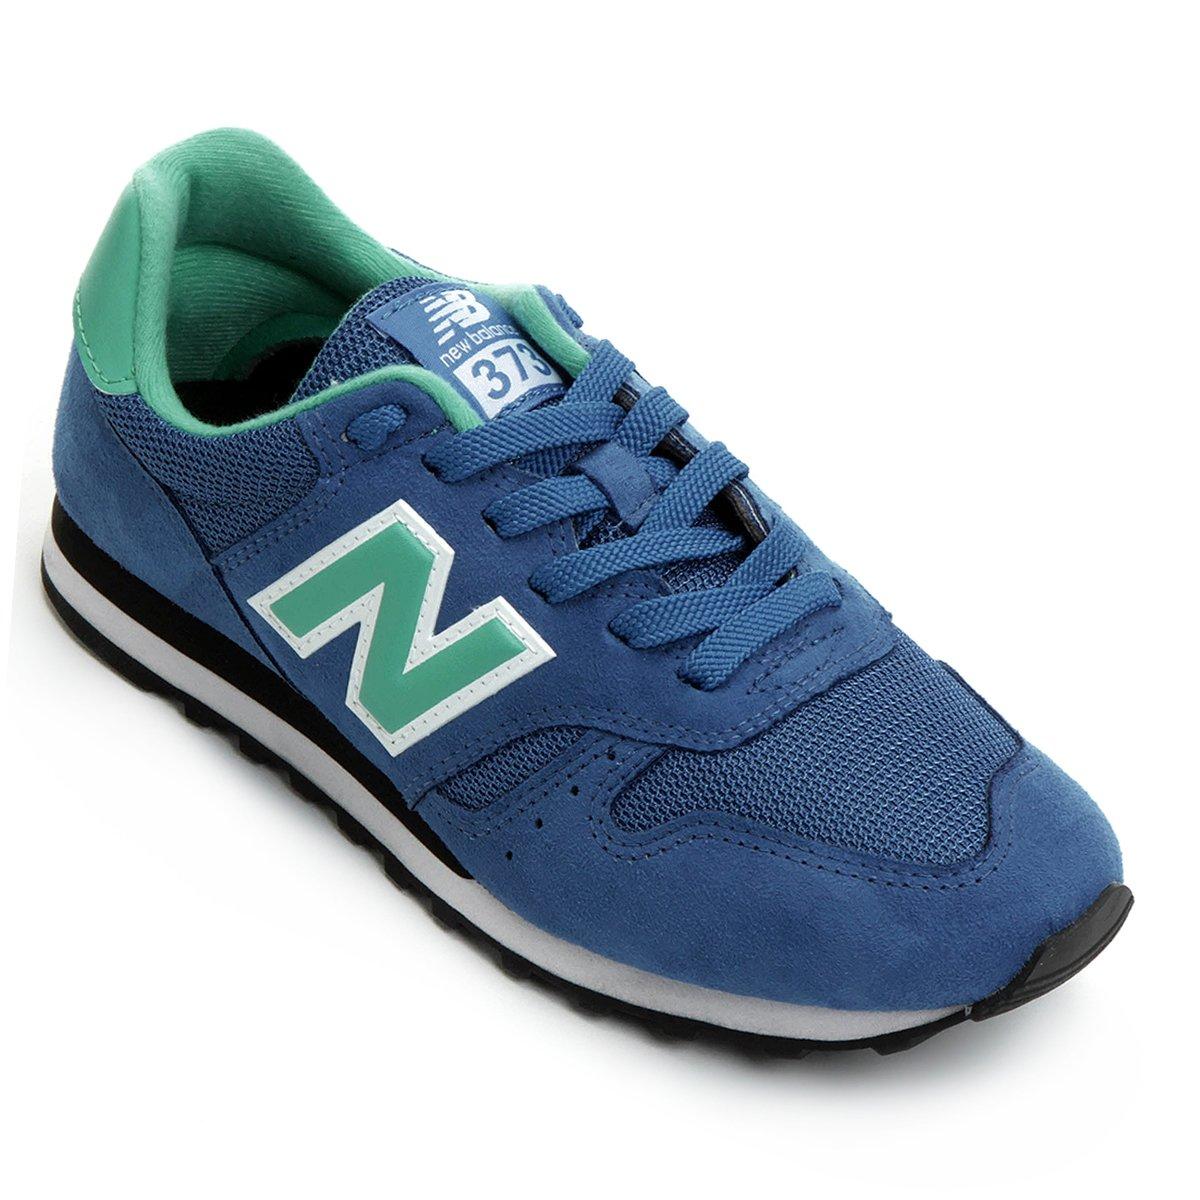 4f3bf15bdb2 Tênis New Balance 373 Retrô Running - Compre Agora